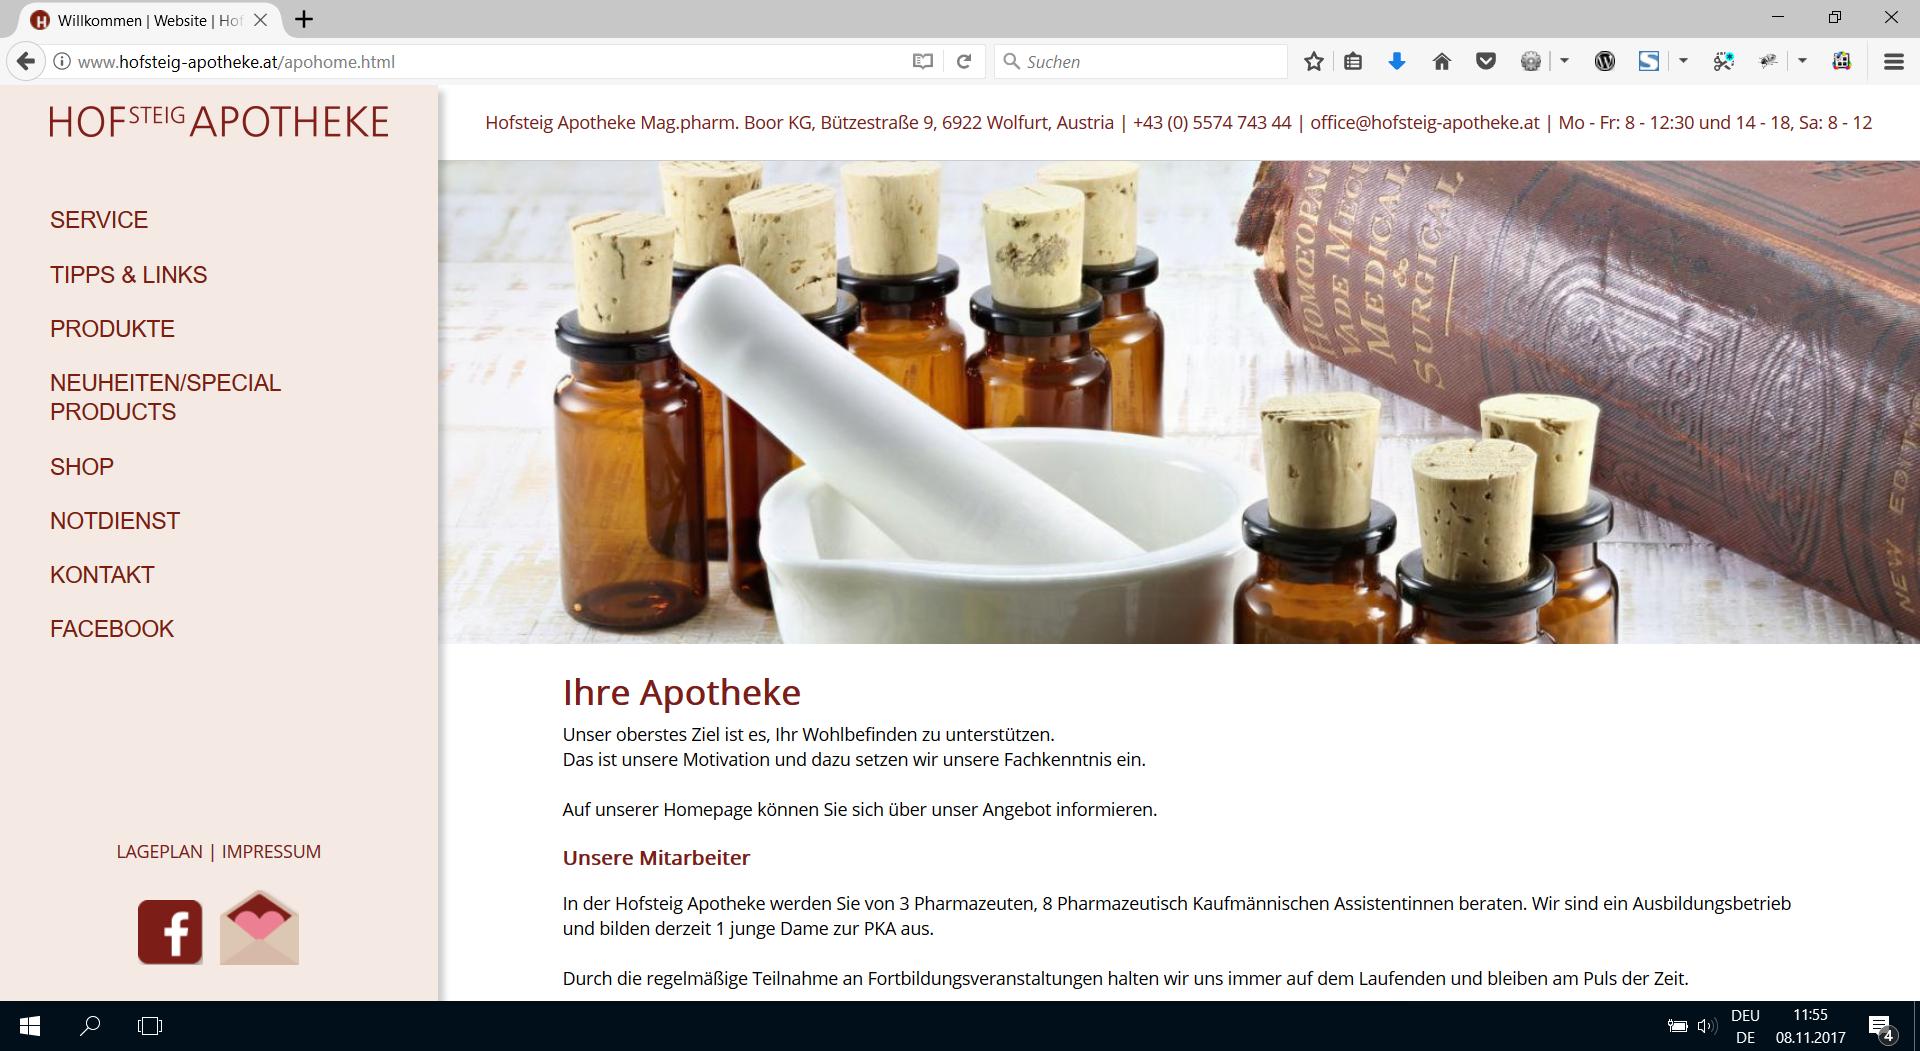 Webdesign Hofsteig-Apotheke.at